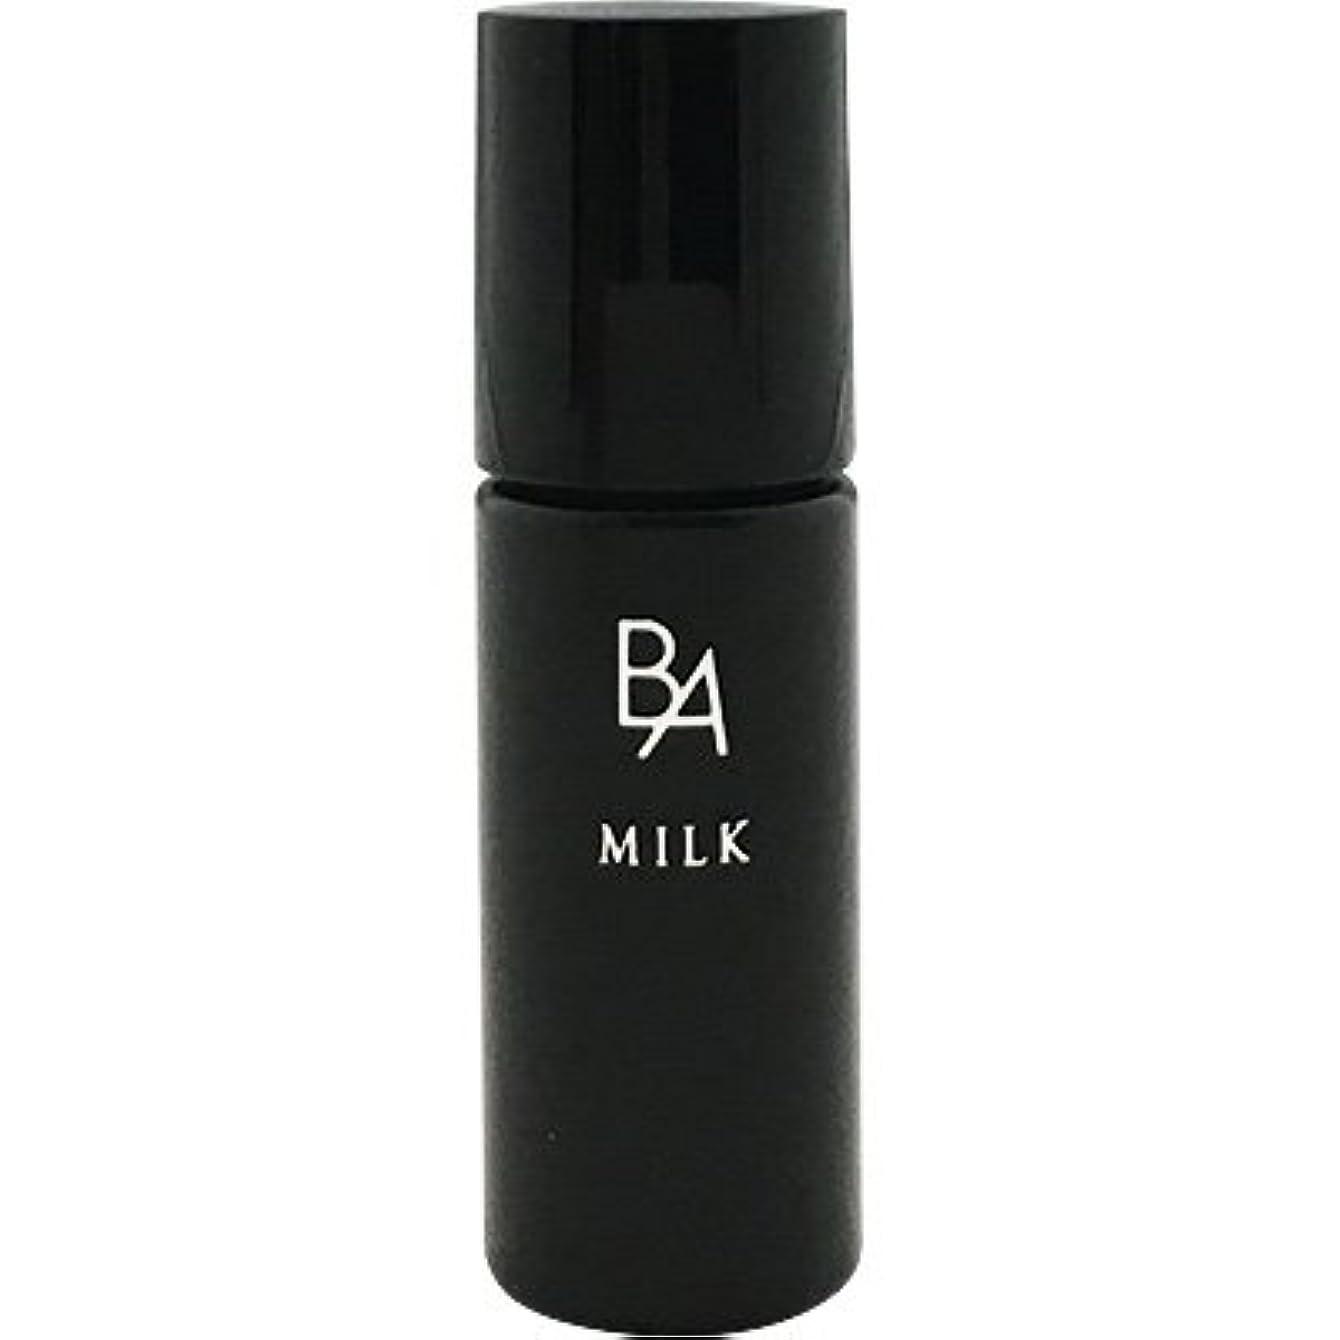 ポーラ?B.A ミルク ミニ 8ml (乳液) [並行輸入品]